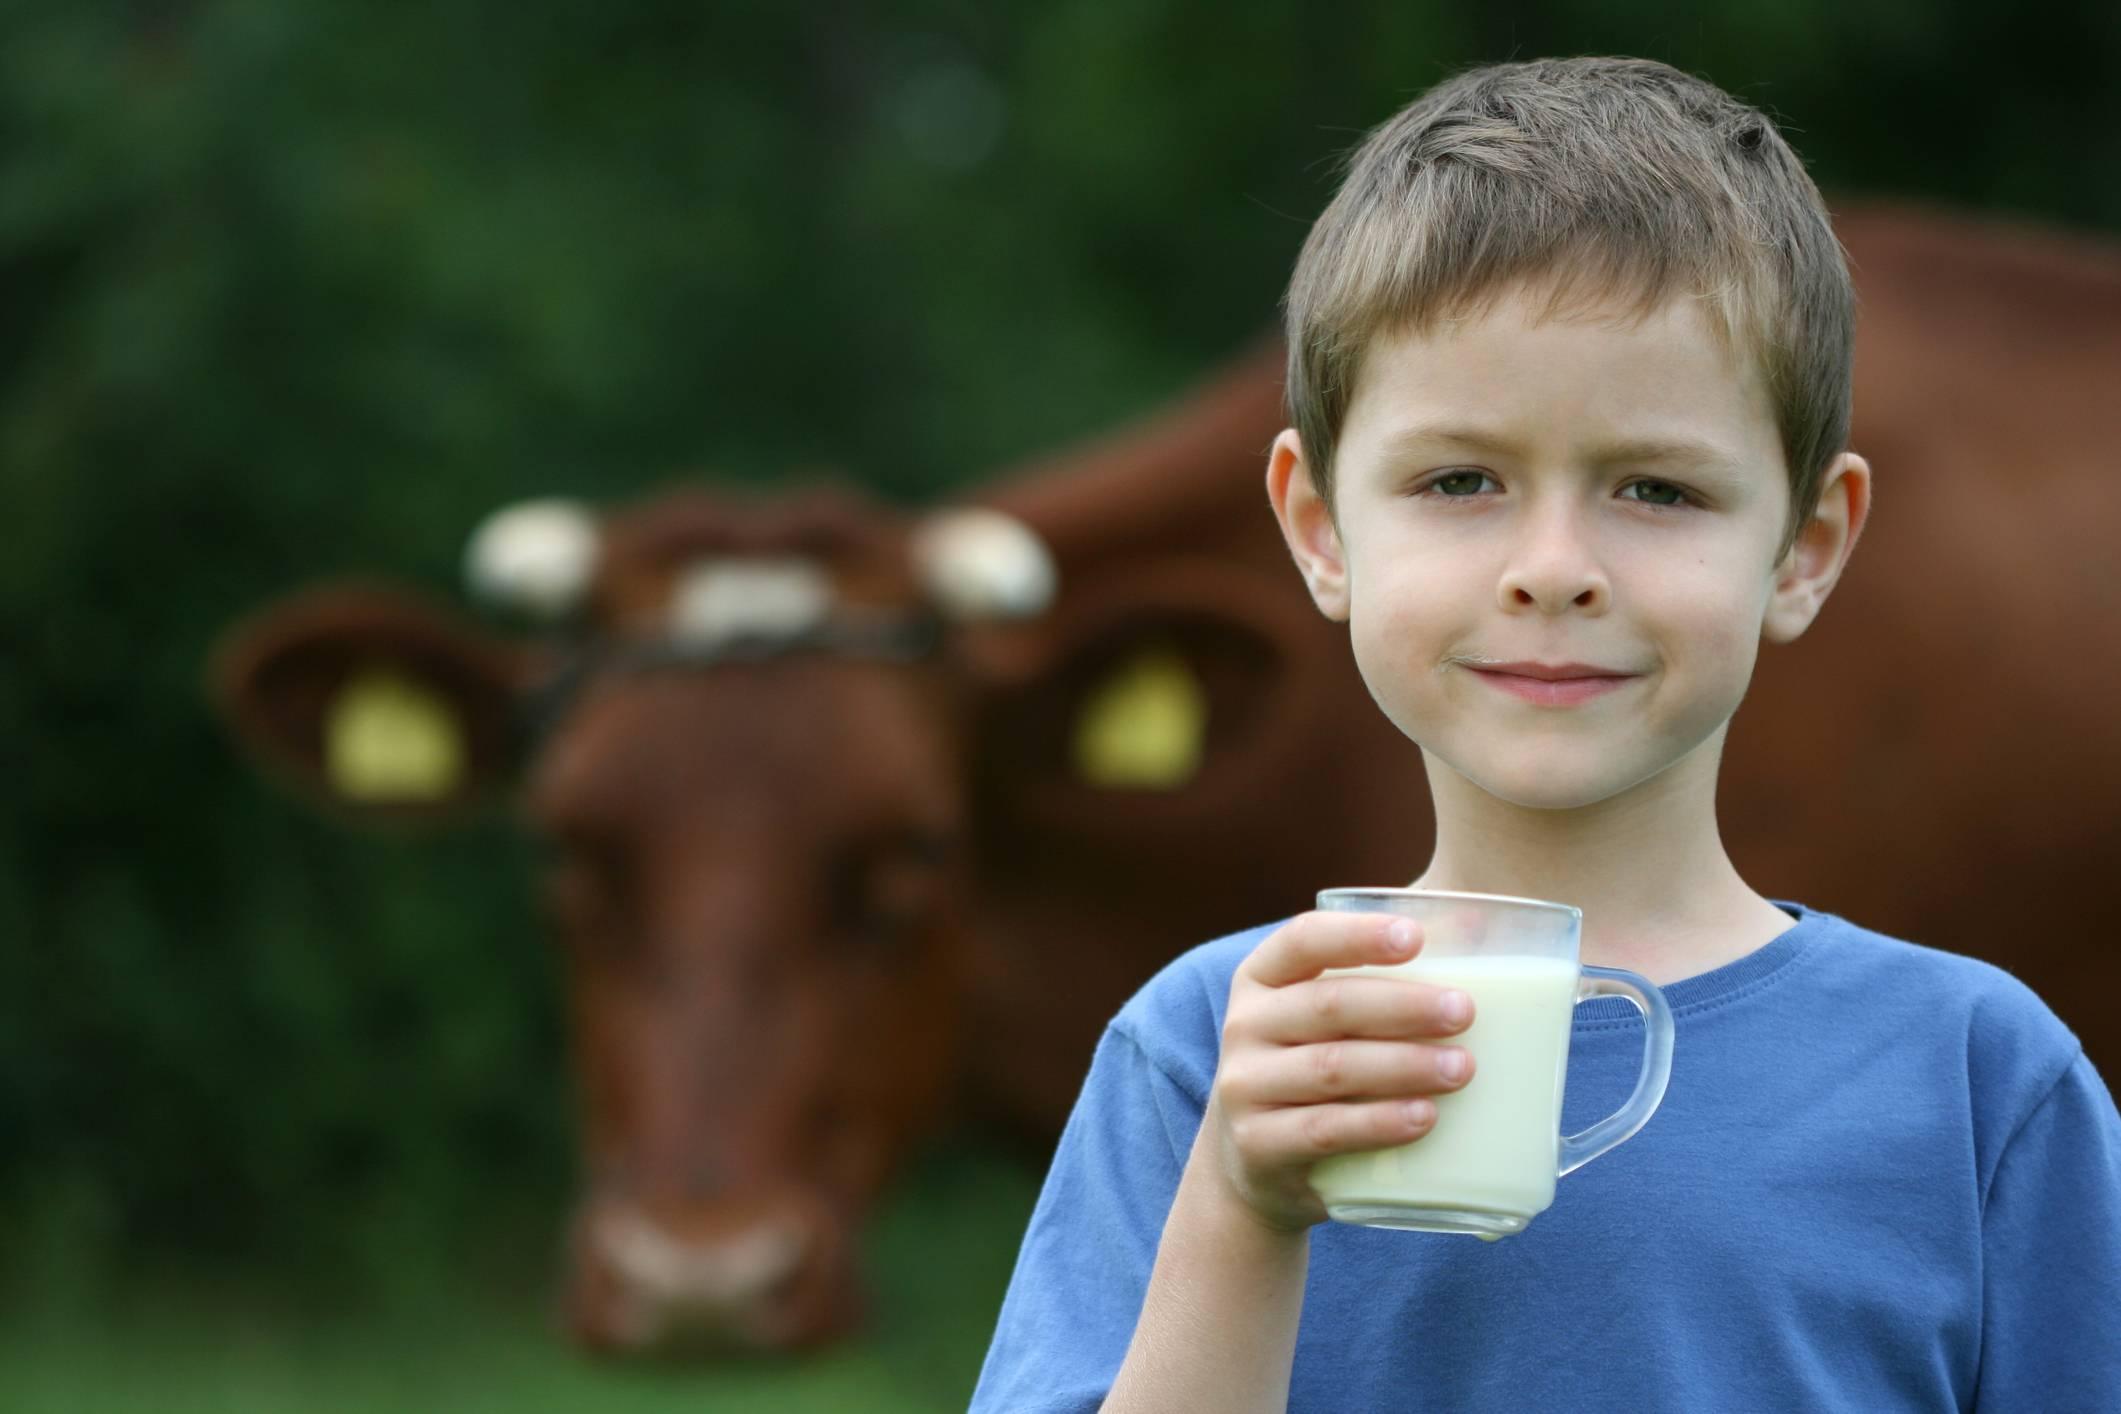 Comment économiser de l'argent en congelant le lait ?